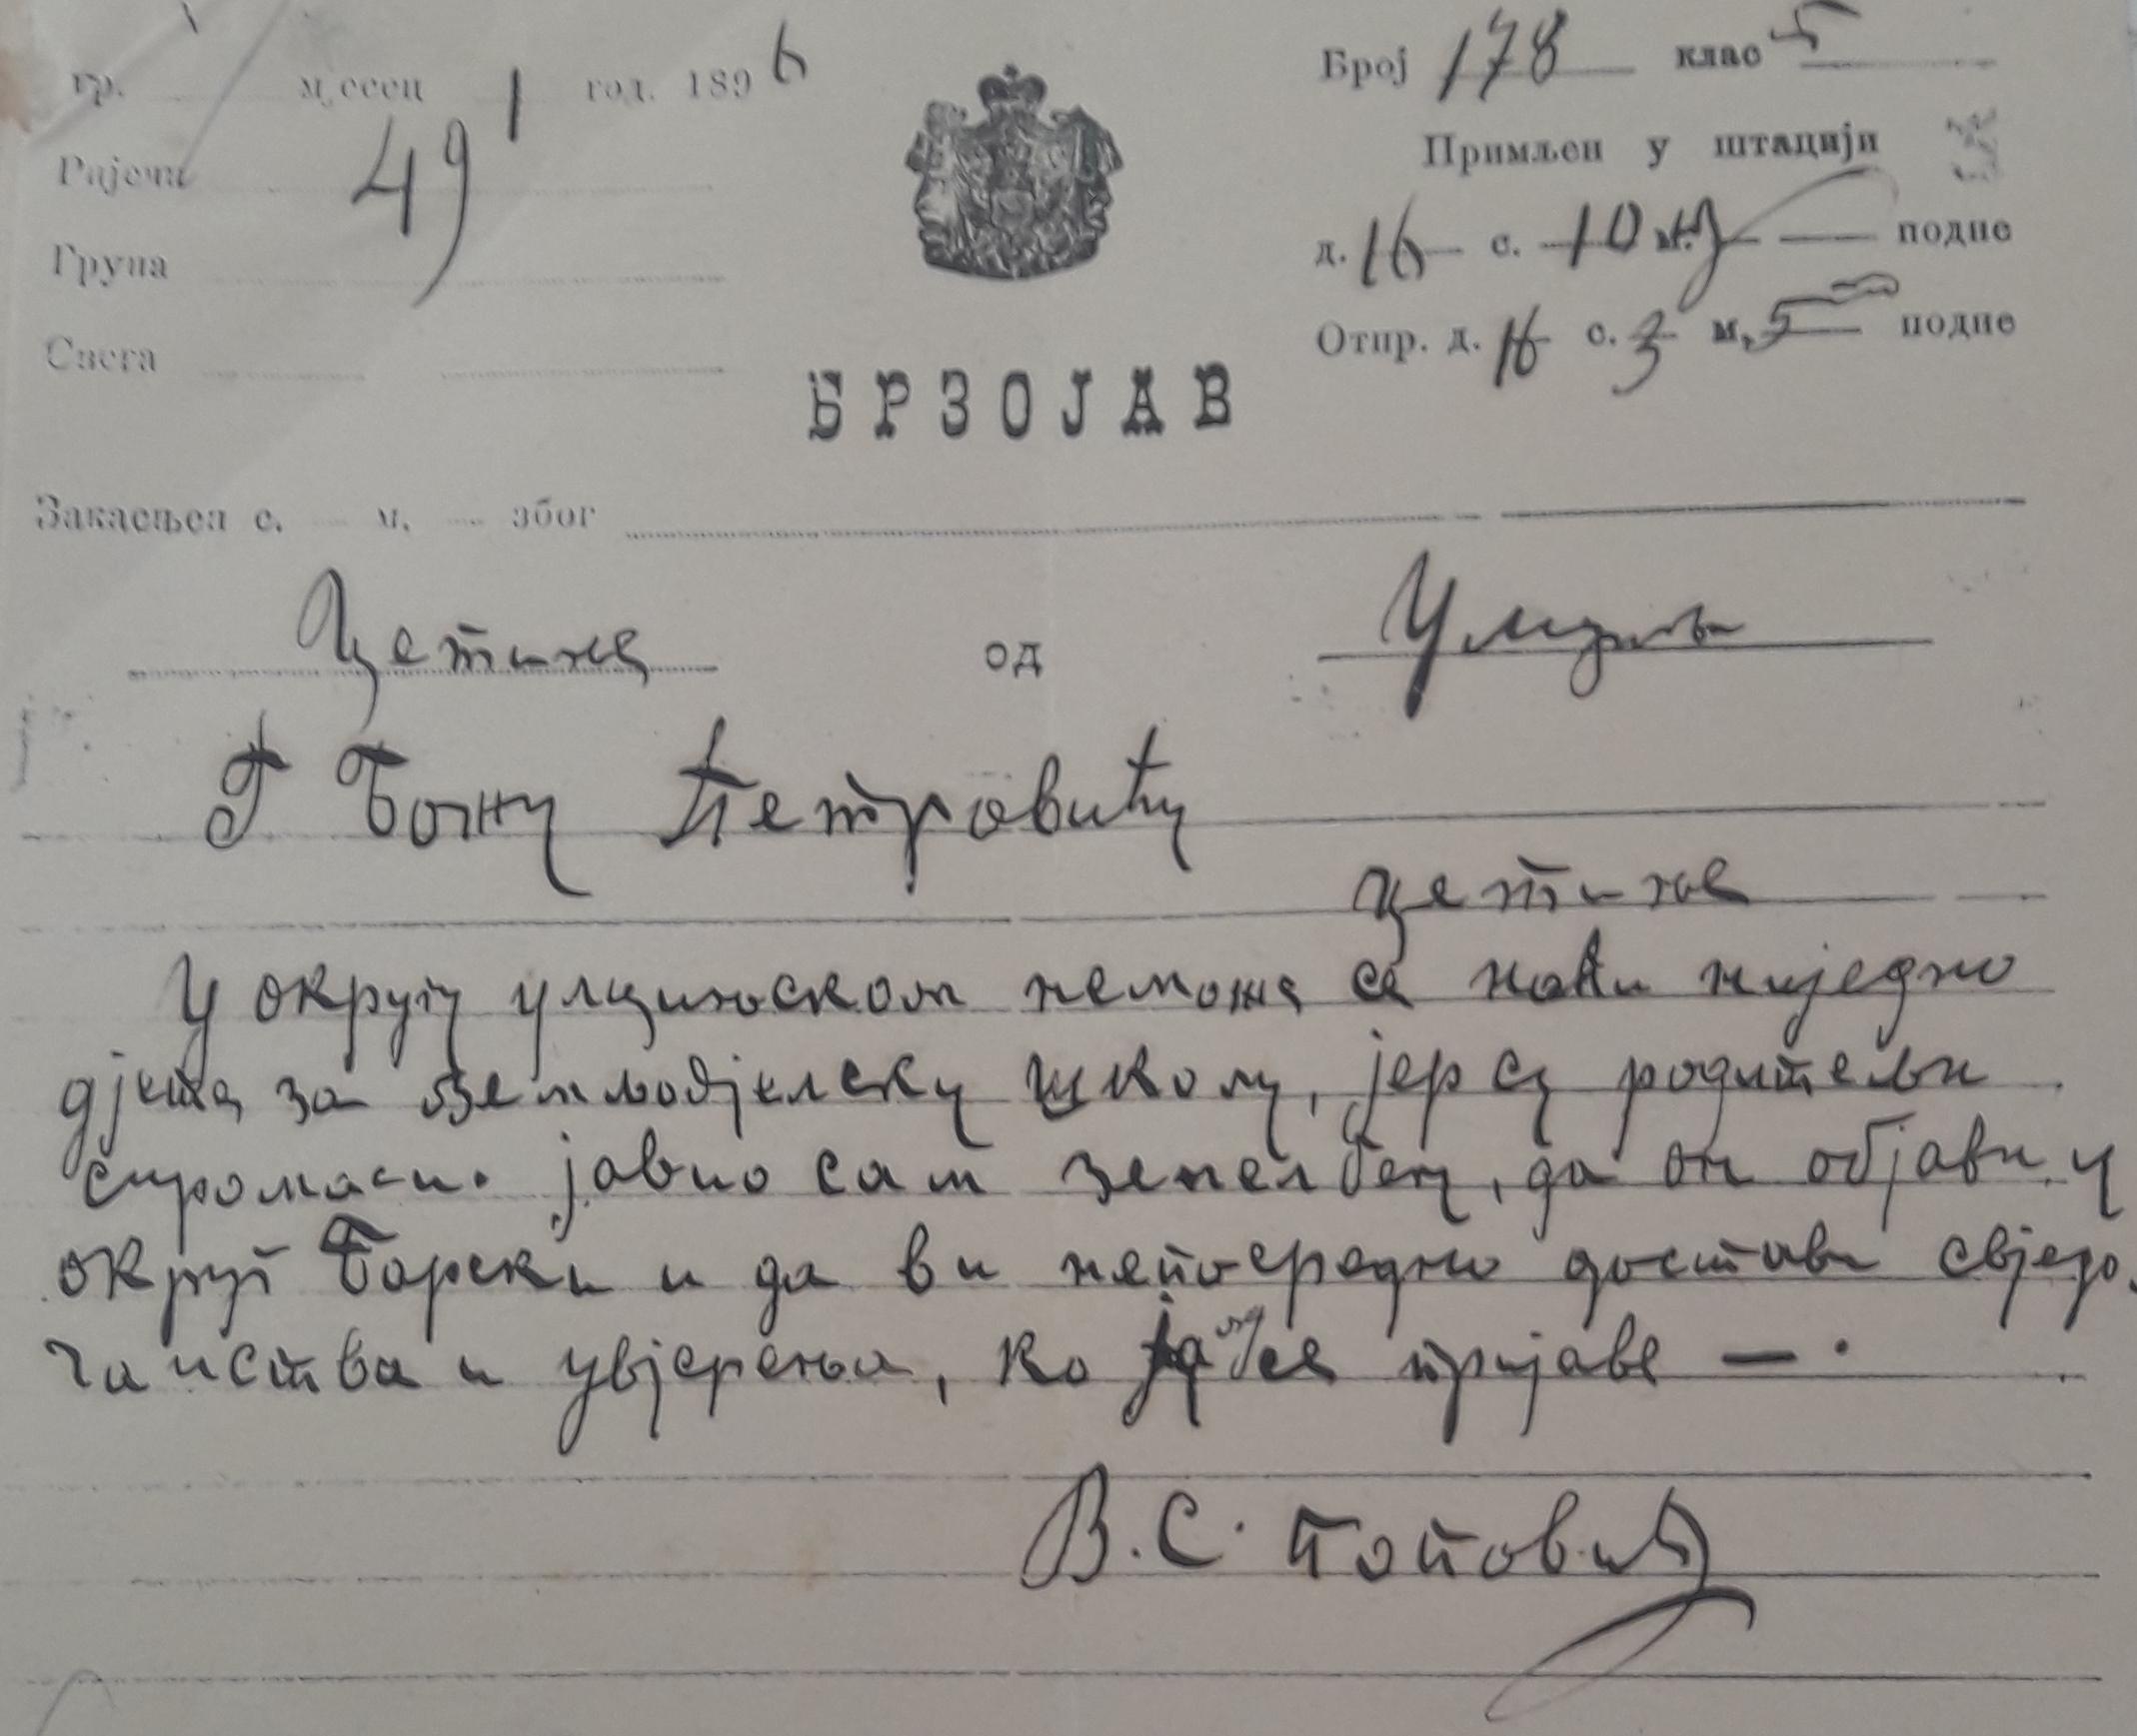 9. Telegram obavještenja o švercu dinamita na primorju, 1895. godine